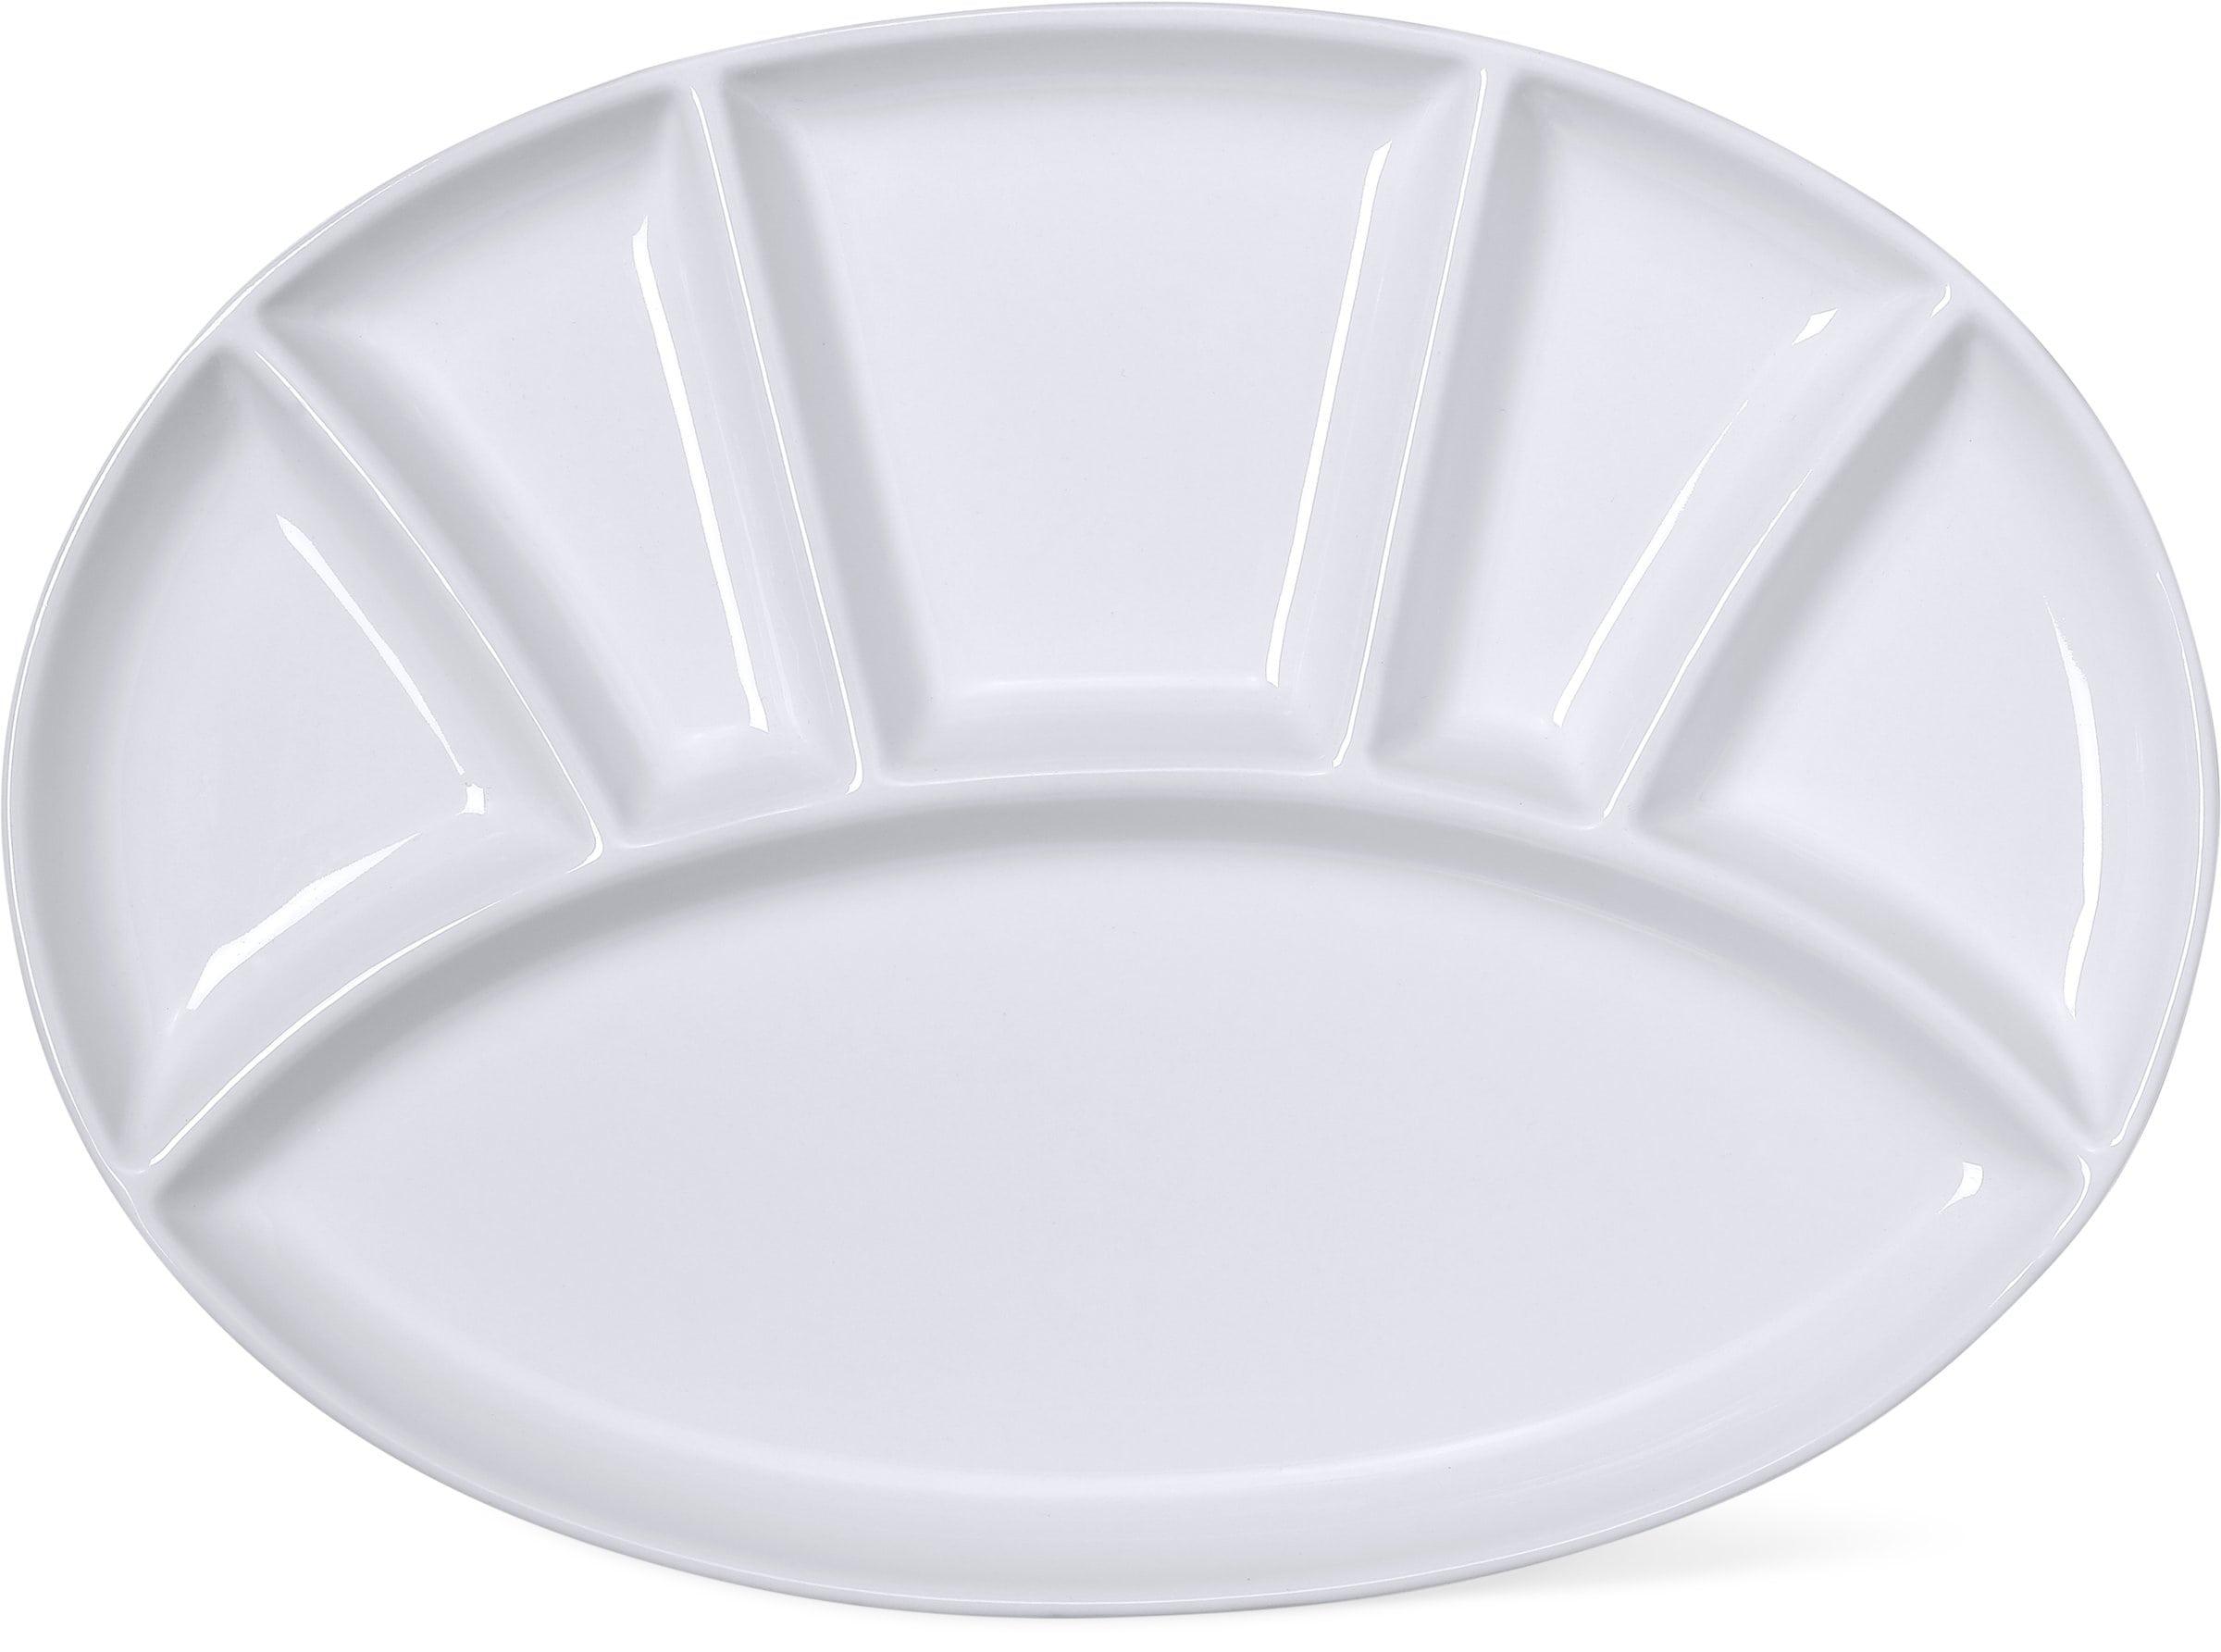 Cucina & Tavola Fleischfondue-Teller